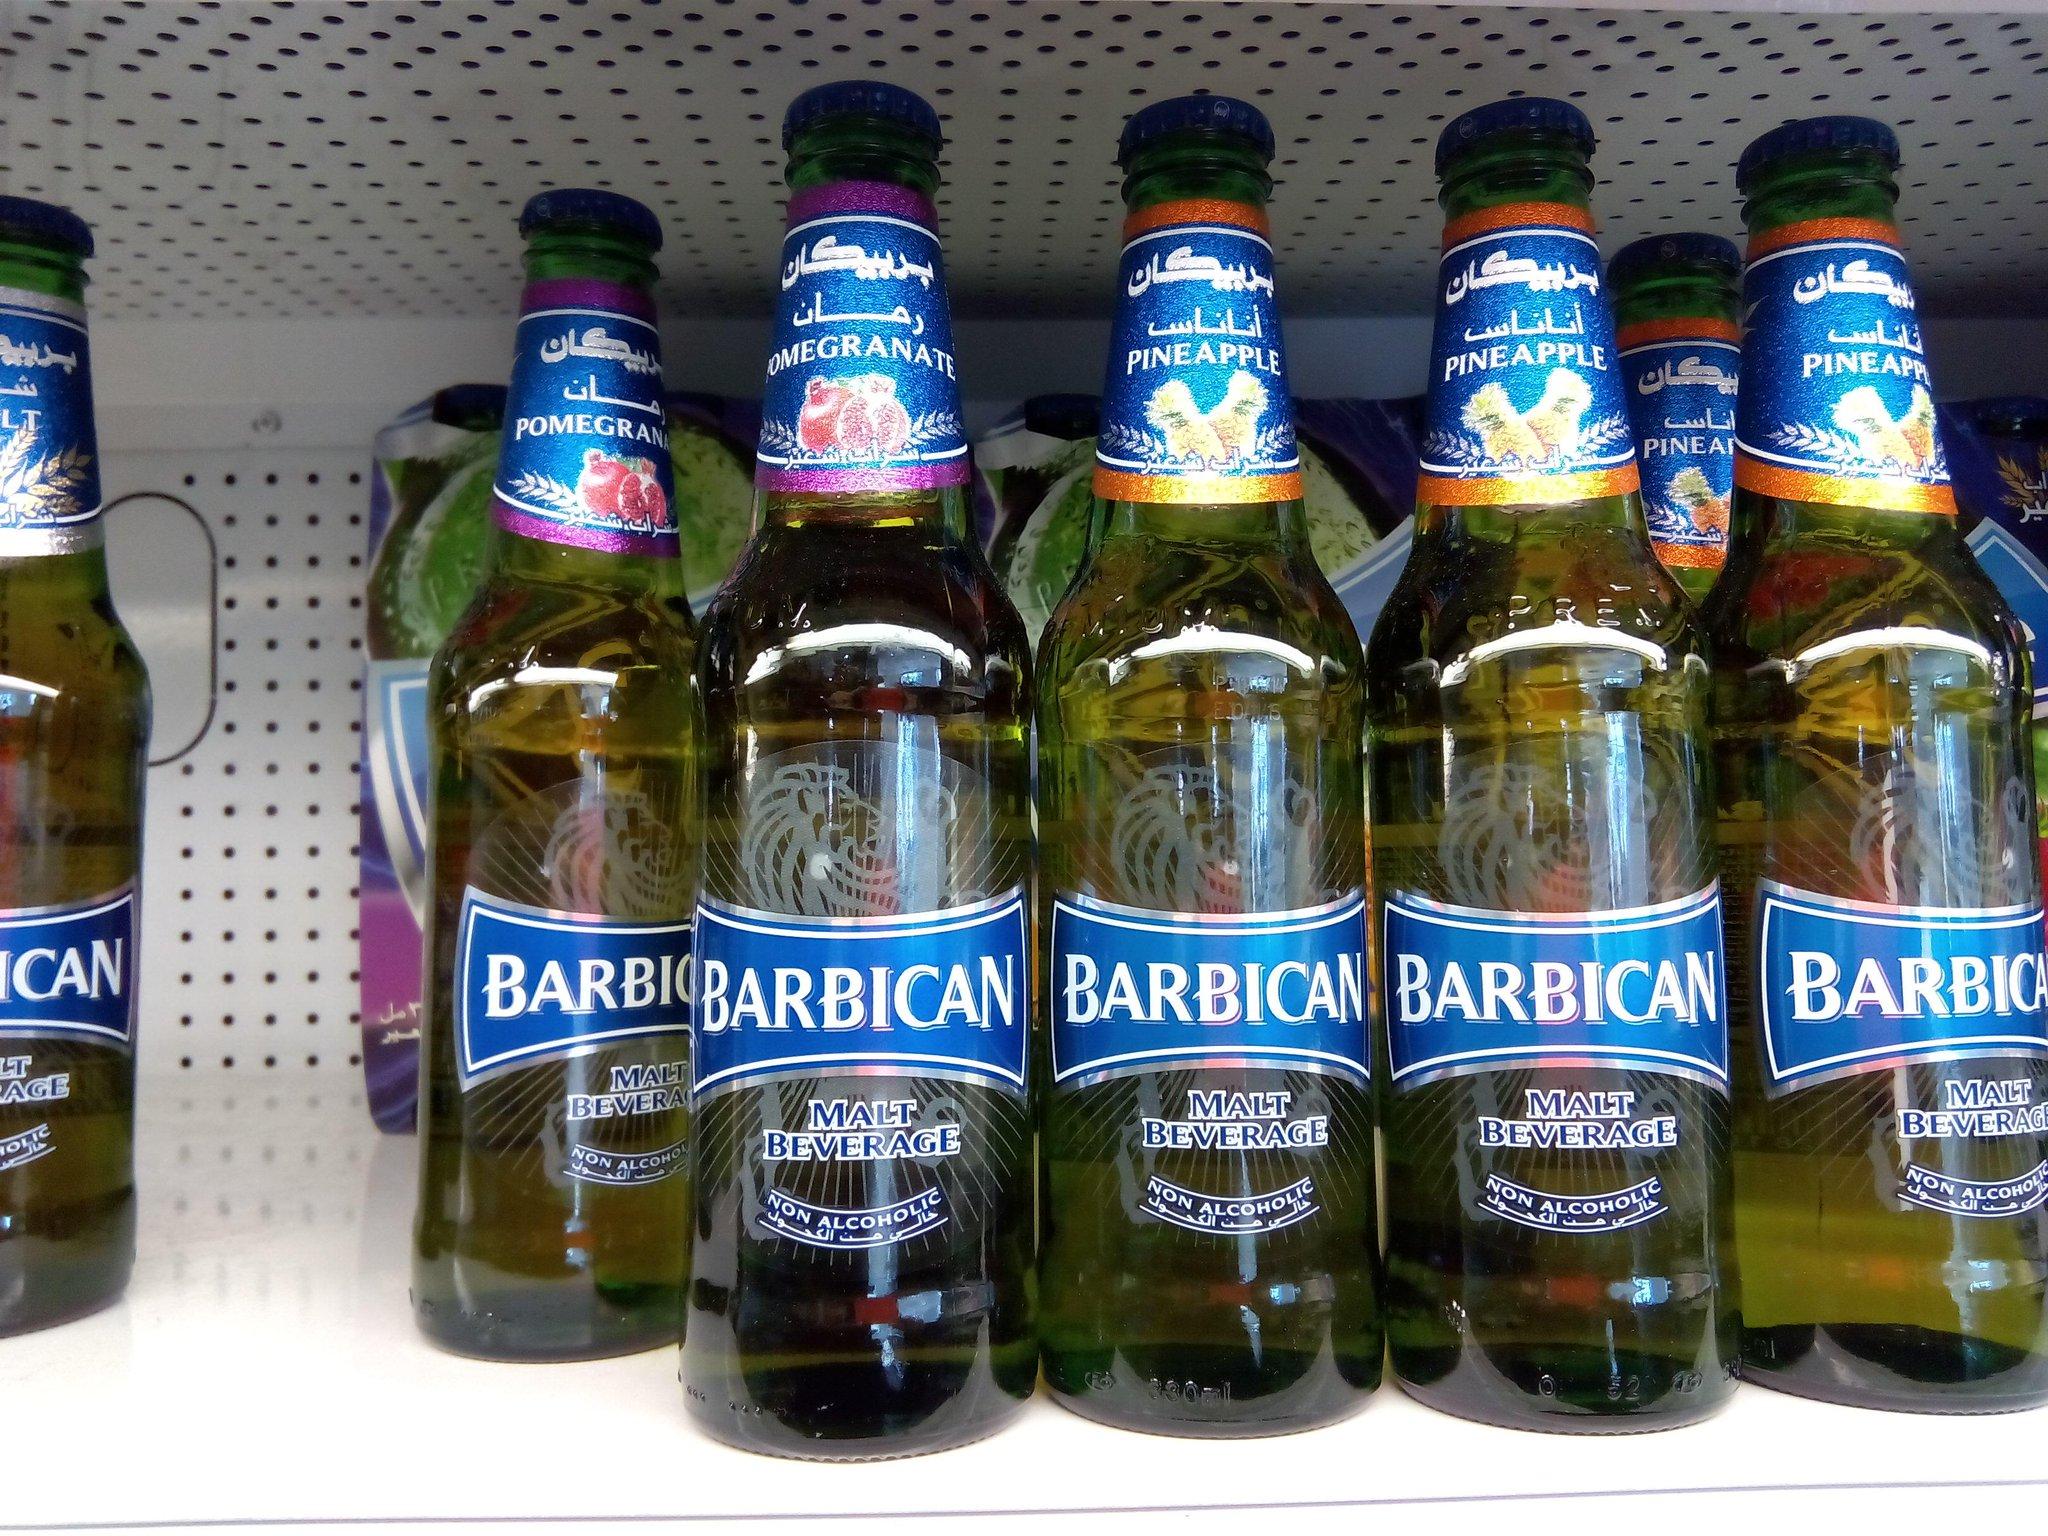 RT @RafaMrtz: Barbican: la cerveza de Emiratos Árabes Unidos que se puede encontrar en las tiendas árabes de Madrid #madridmayrit http://t.co/JL1cHNN30d